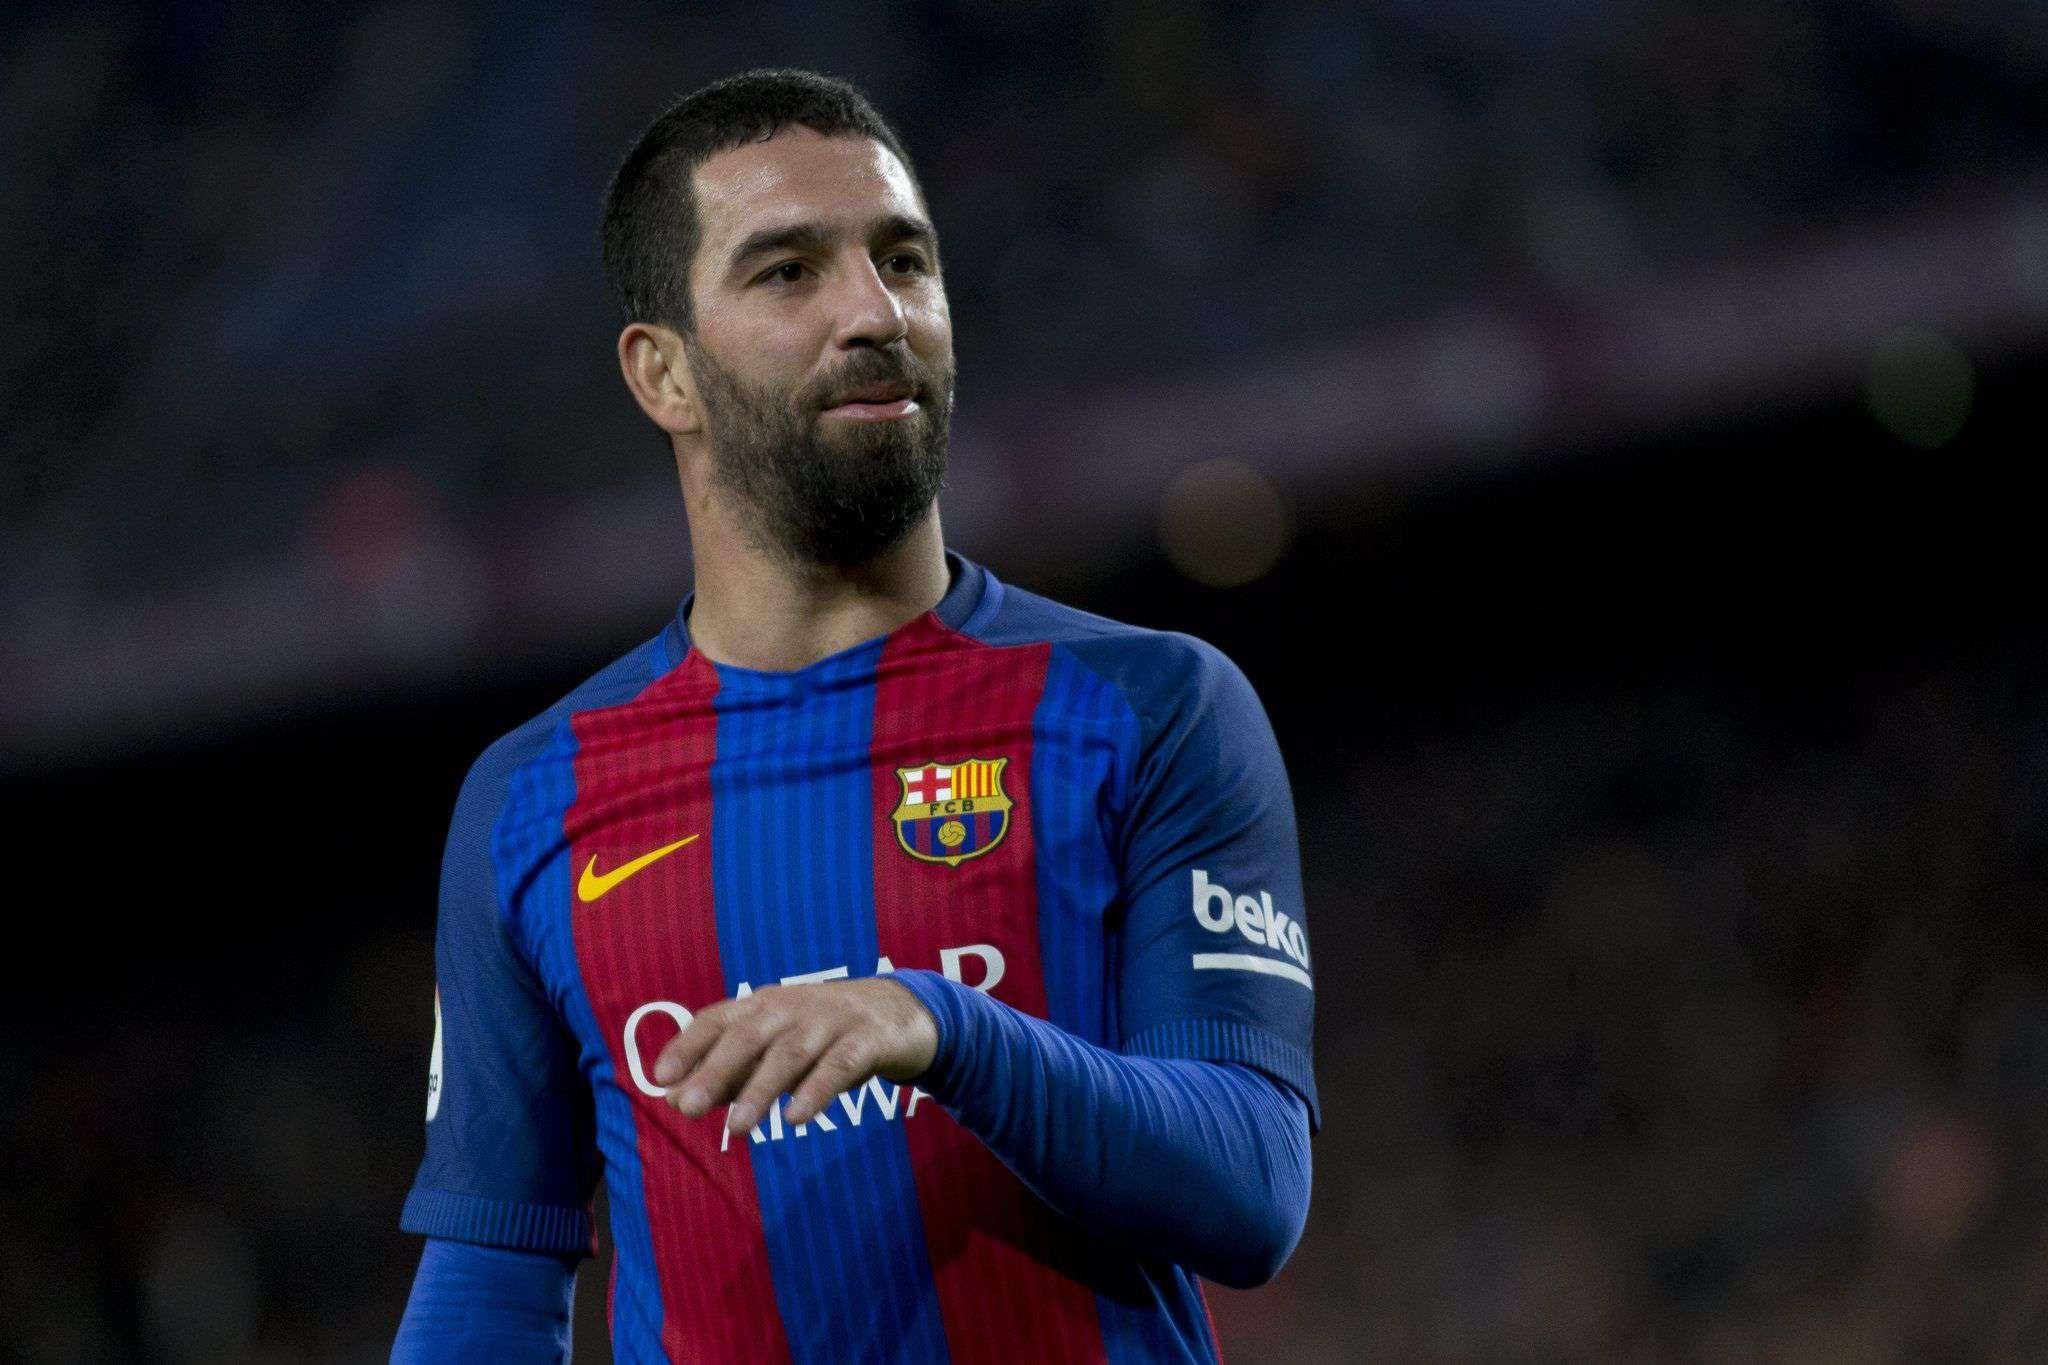 Officiel : Turan quitte le Barça pour une destination surprise !